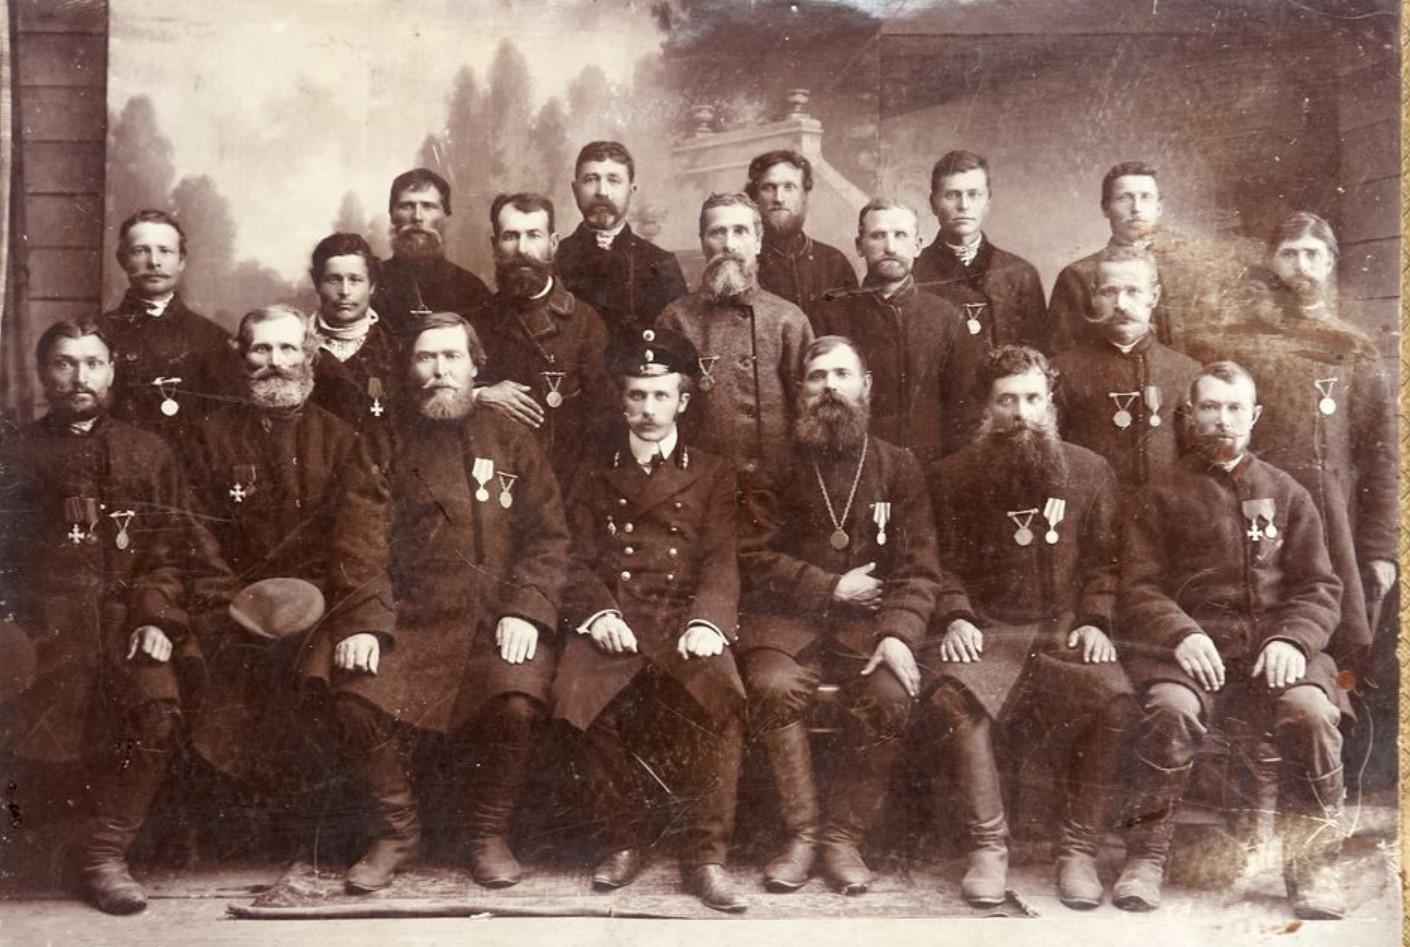 1911. Фото представителей сельского самоуправления Новгород-Северской губернии